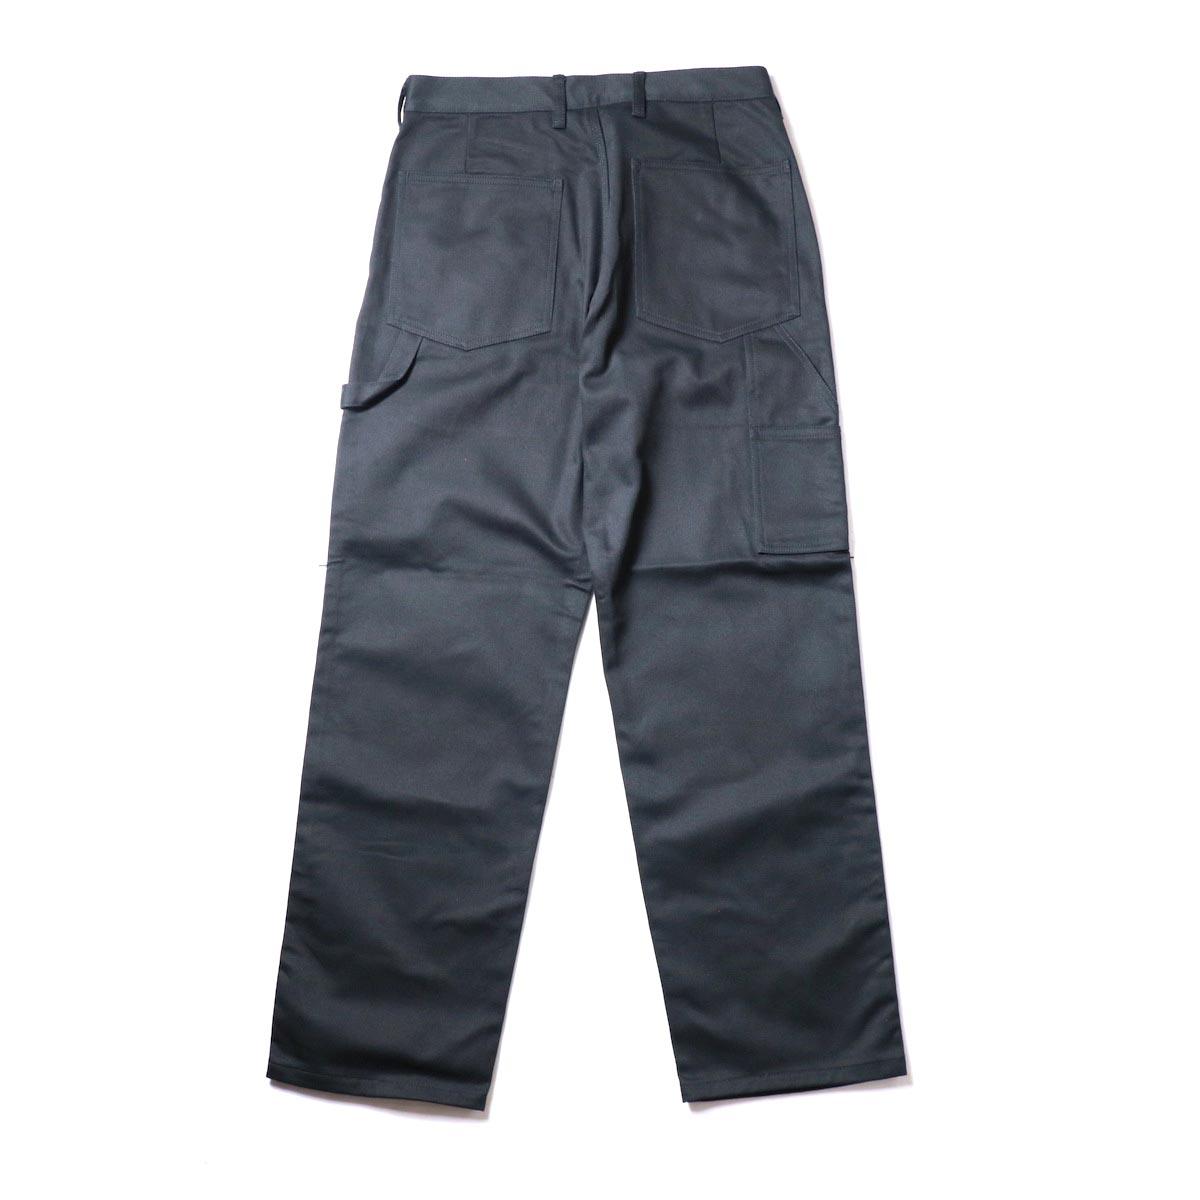 FUTURE PRIMITIVE / FP FZ PAINTER PANTS (Black)背面